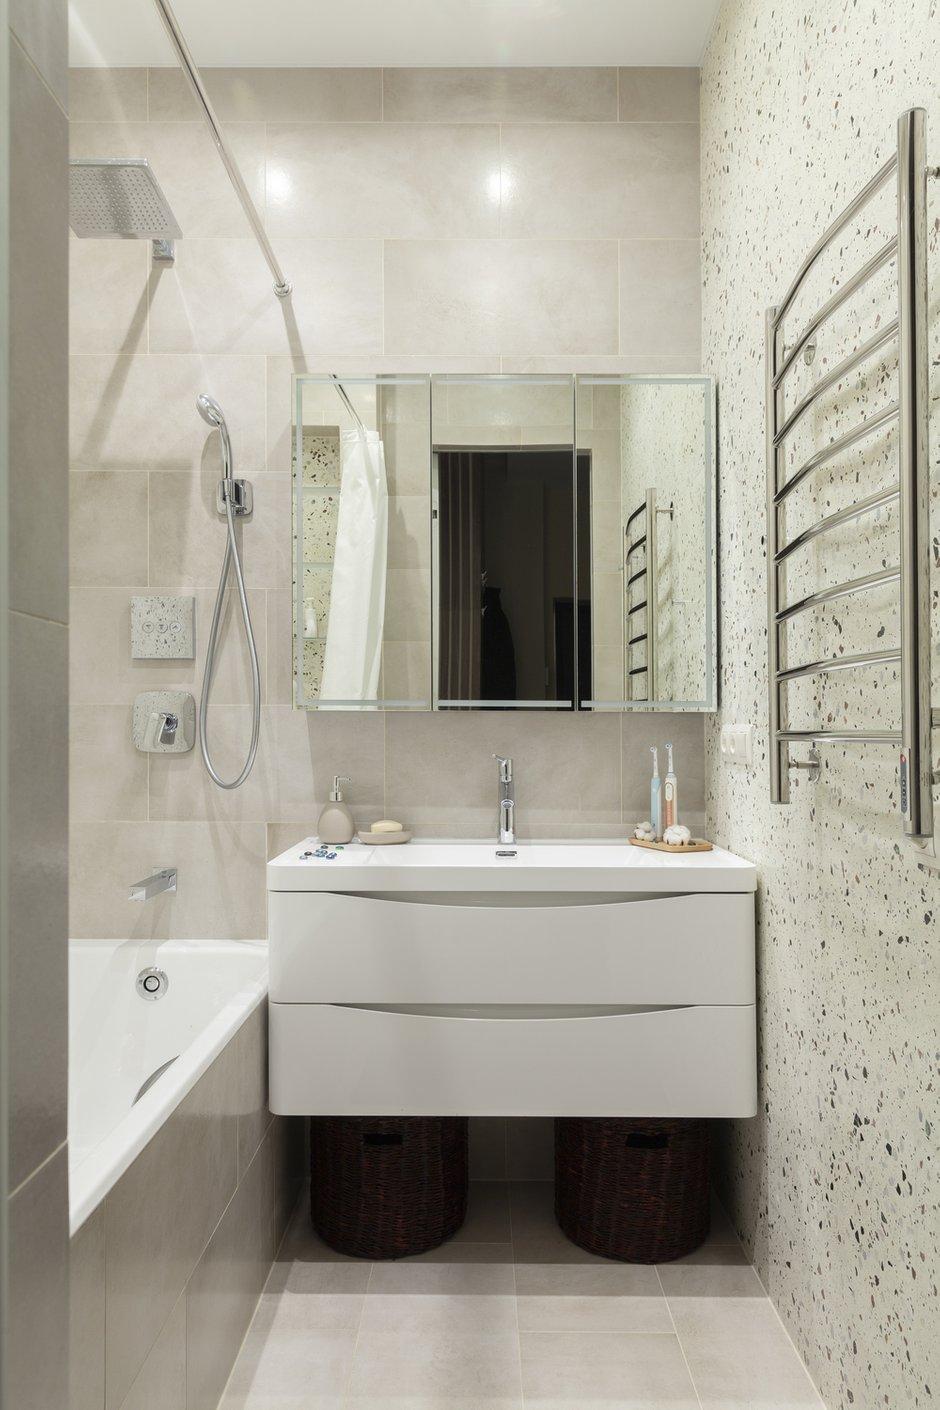 Фотография: Ванная в стиле Современный, Квартира, Проект недели, Москва, 2 комнаты, 60-90 метров, Мария Ничипоренко – фото на INMYROOM